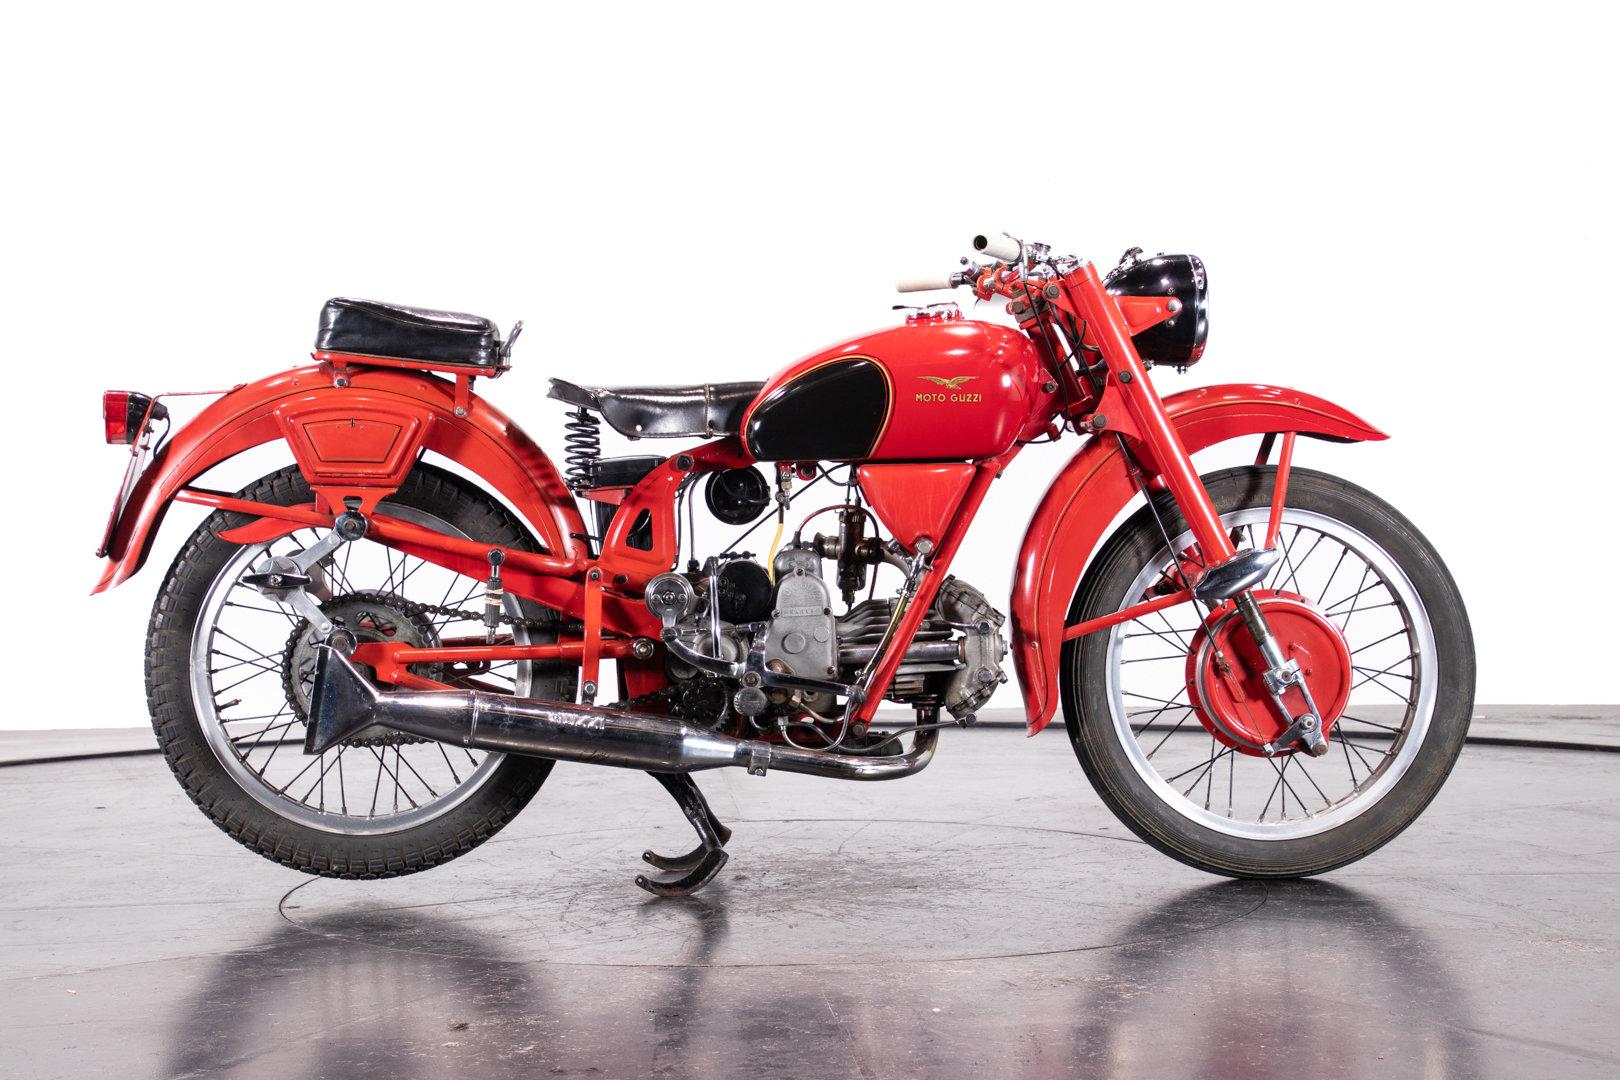 MOTO GUZZI - AIRONE SPORT 250 - 1954 For Sale (picture 2 of 6)